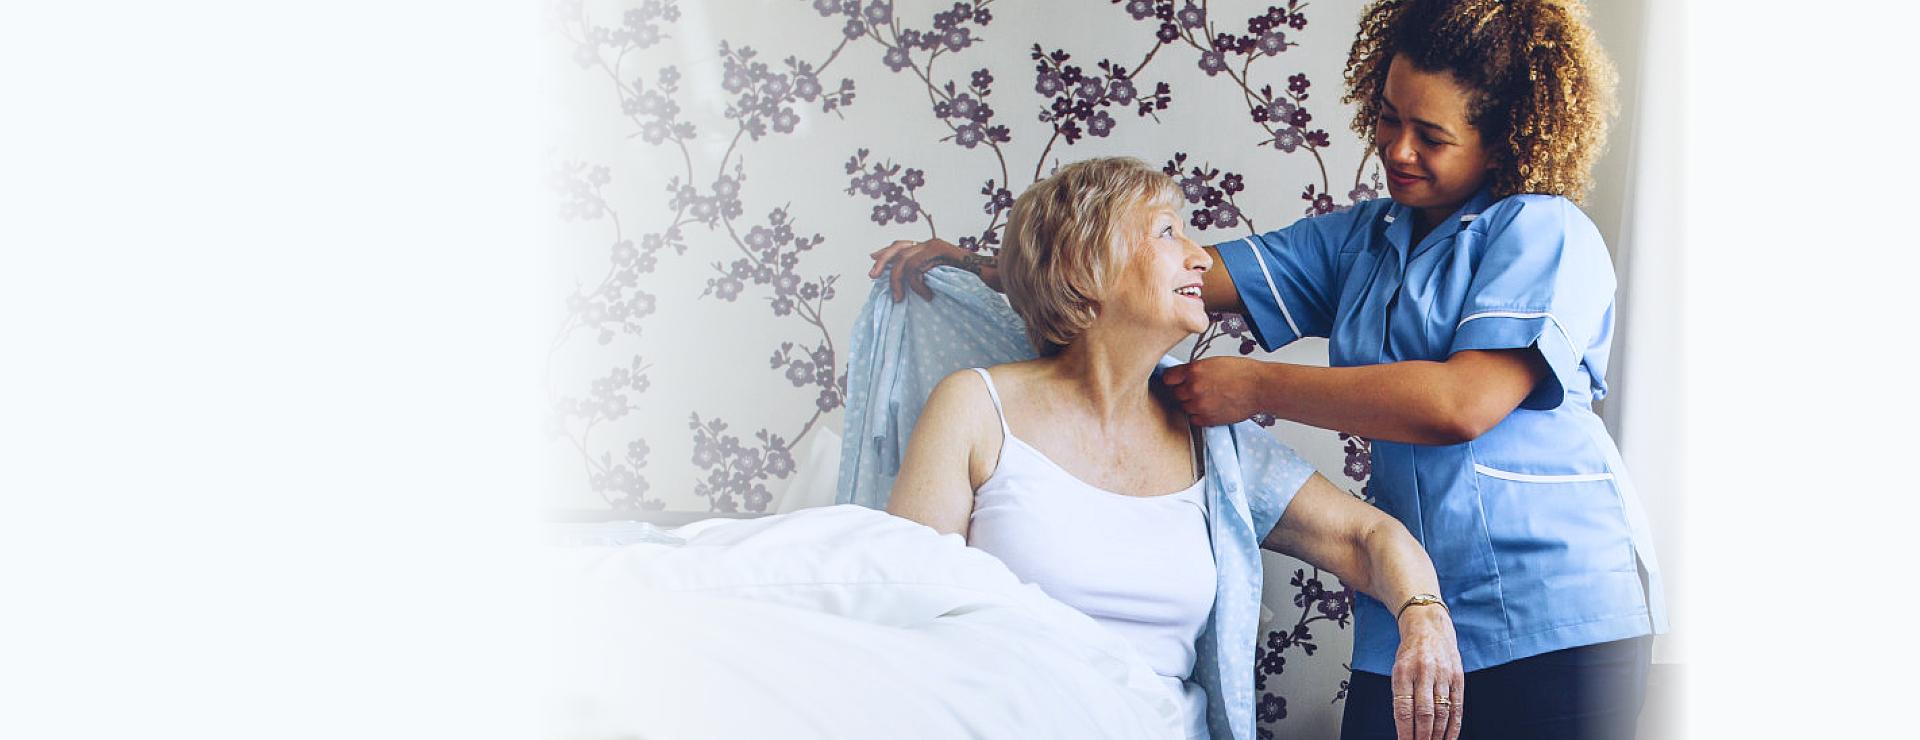 home caregiver dressing the senior woman